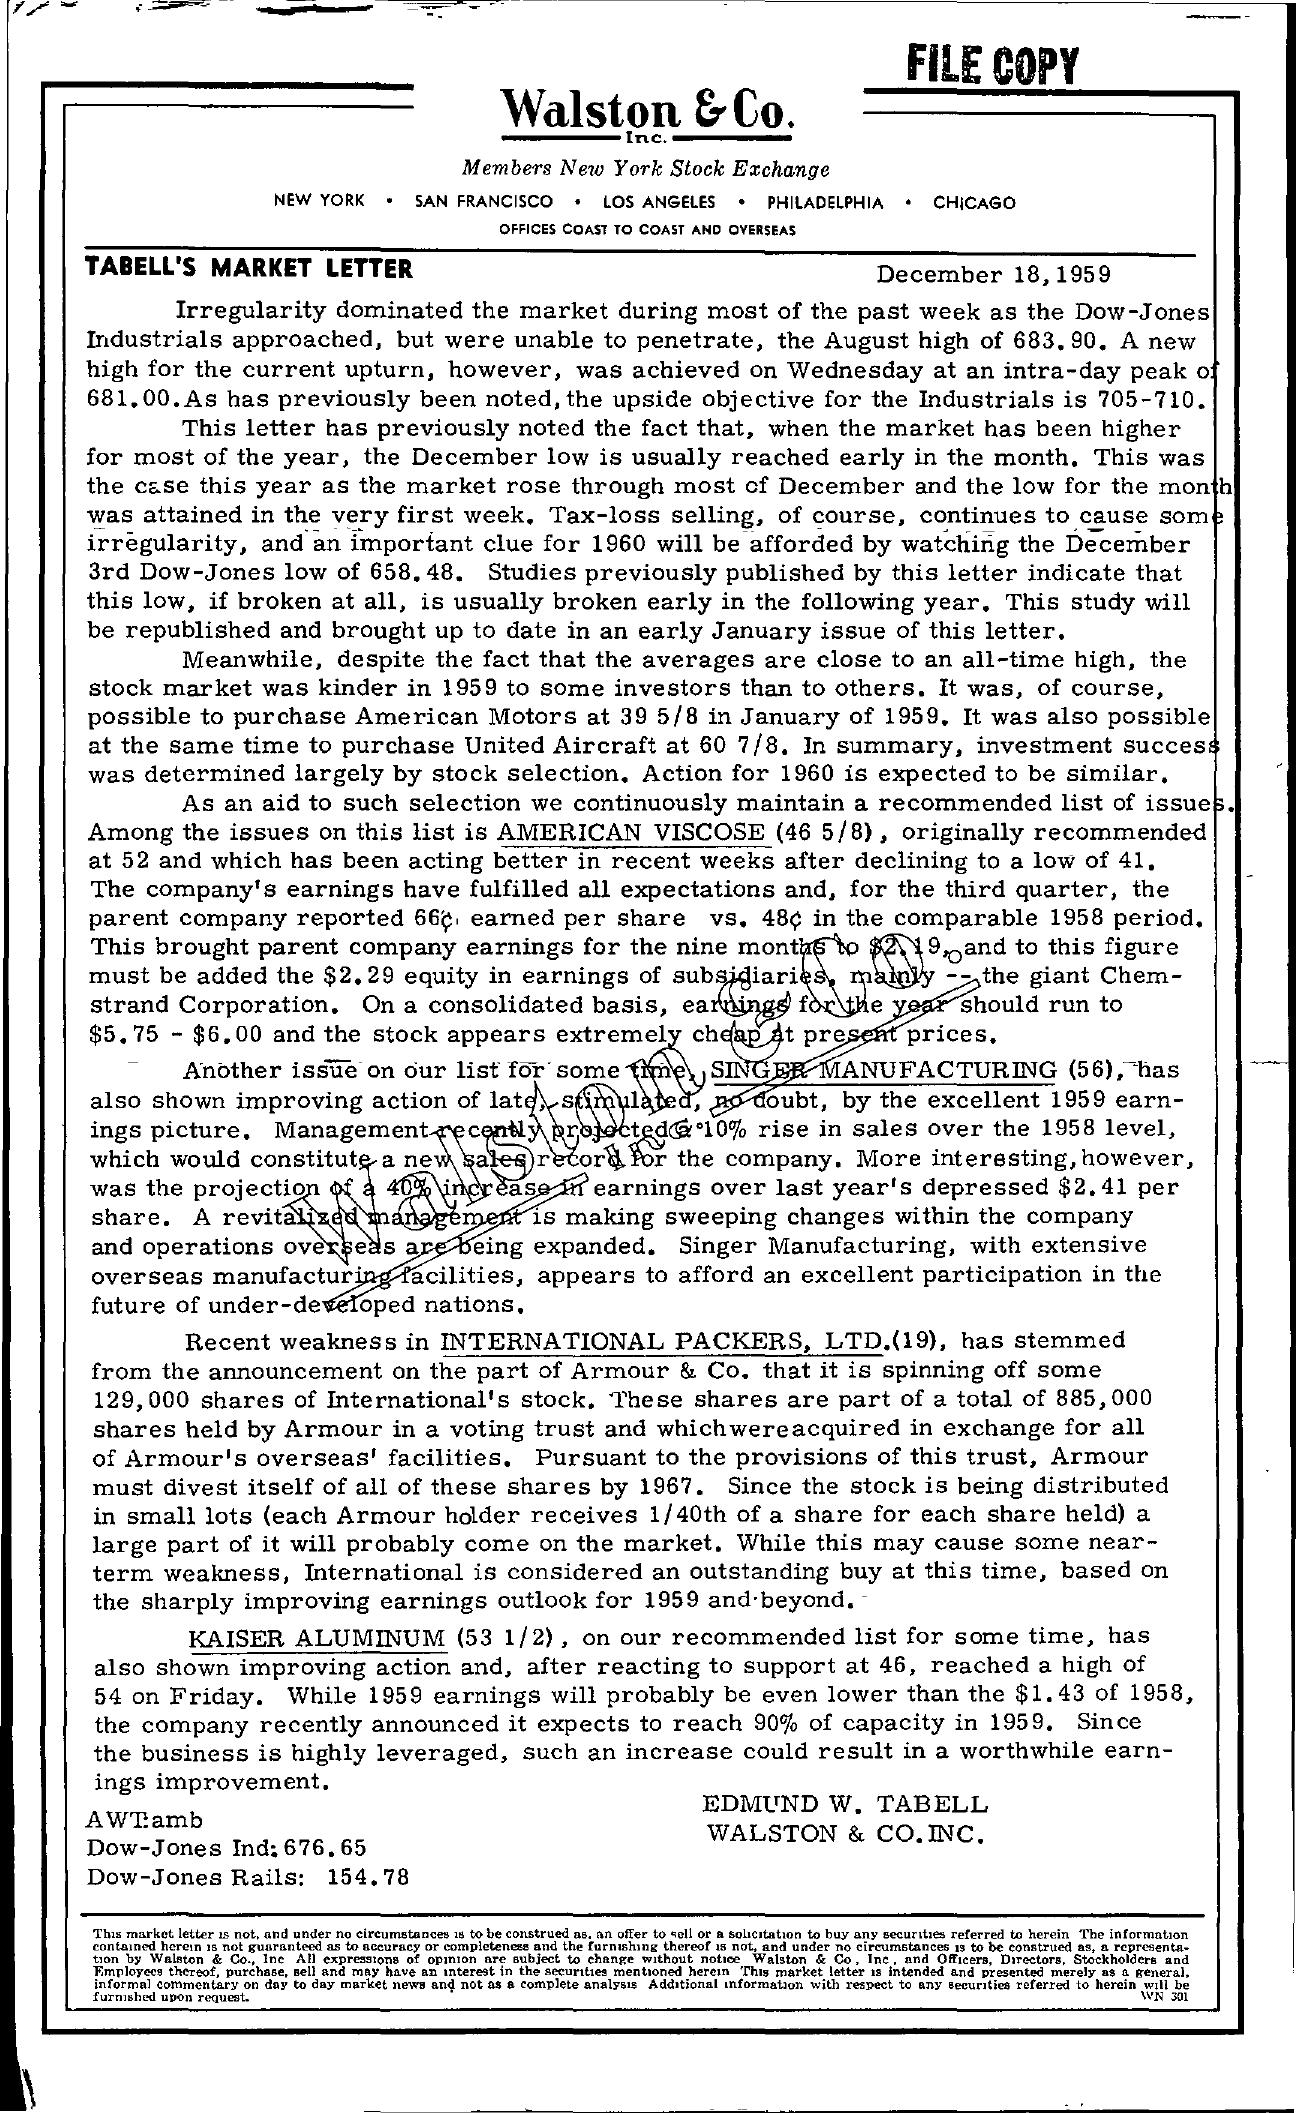 Tabell's Market Letter - December 18, 1959